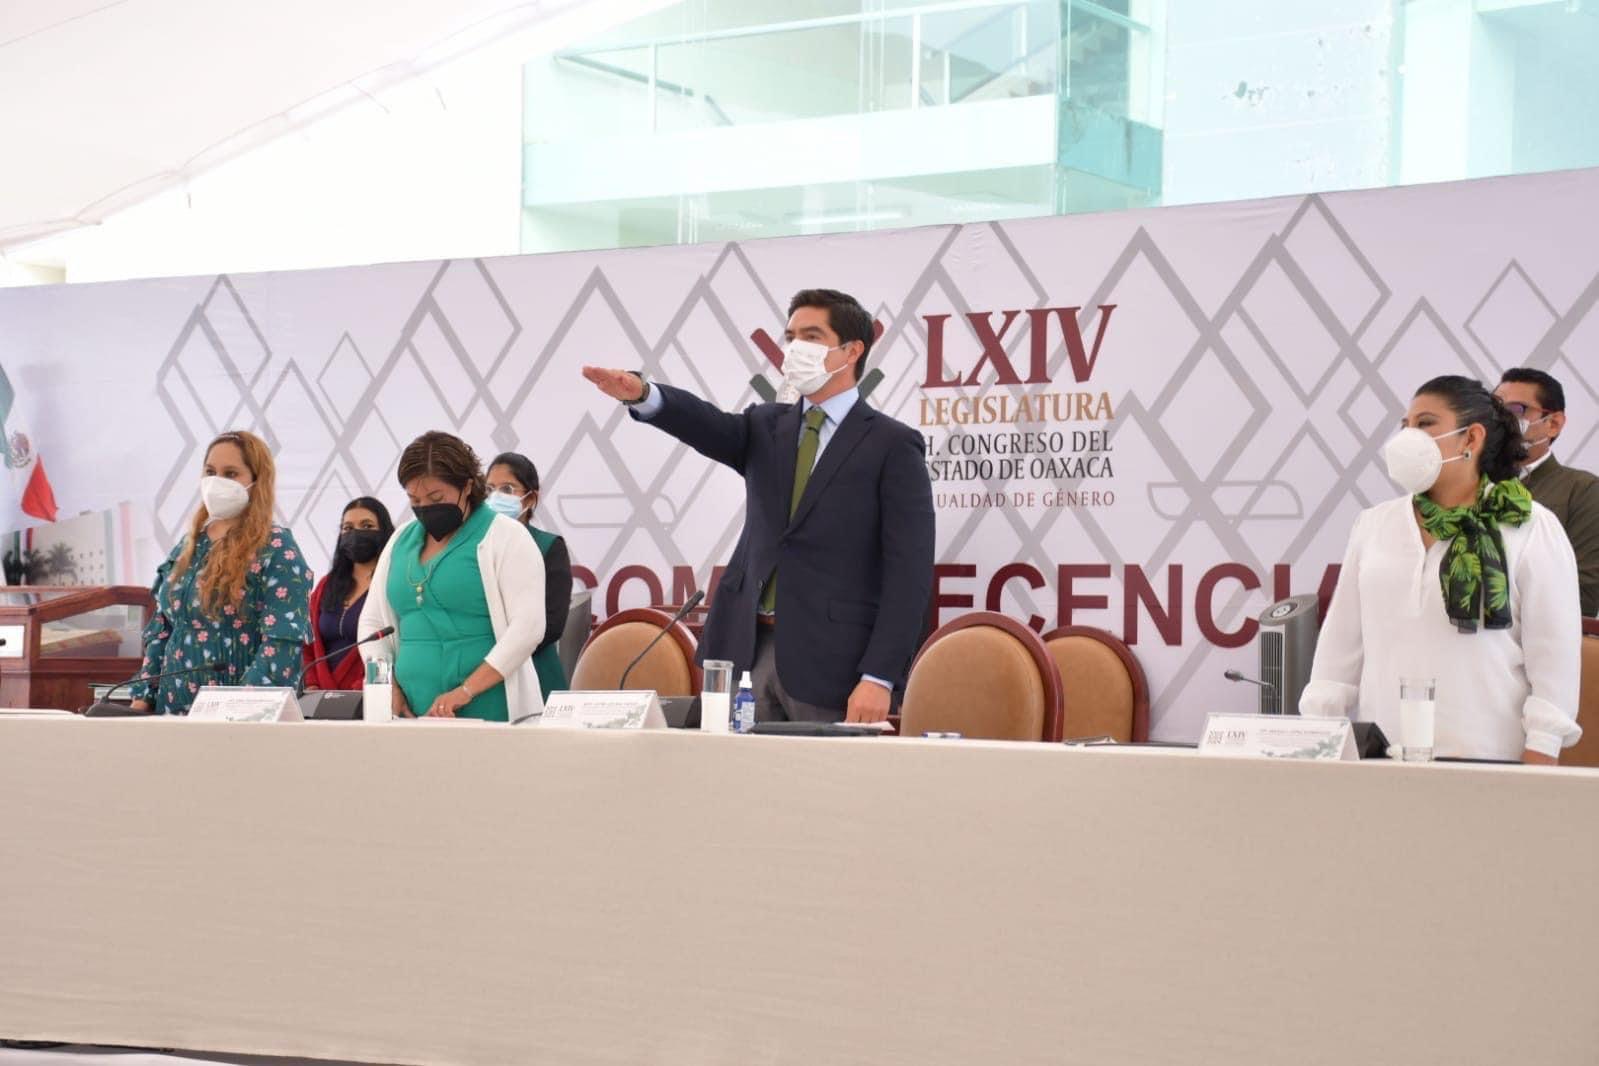 Sinfra reporta avance de entre 75 y 100% en 162 de las obras contratadas con deuda pública en Oaxaca